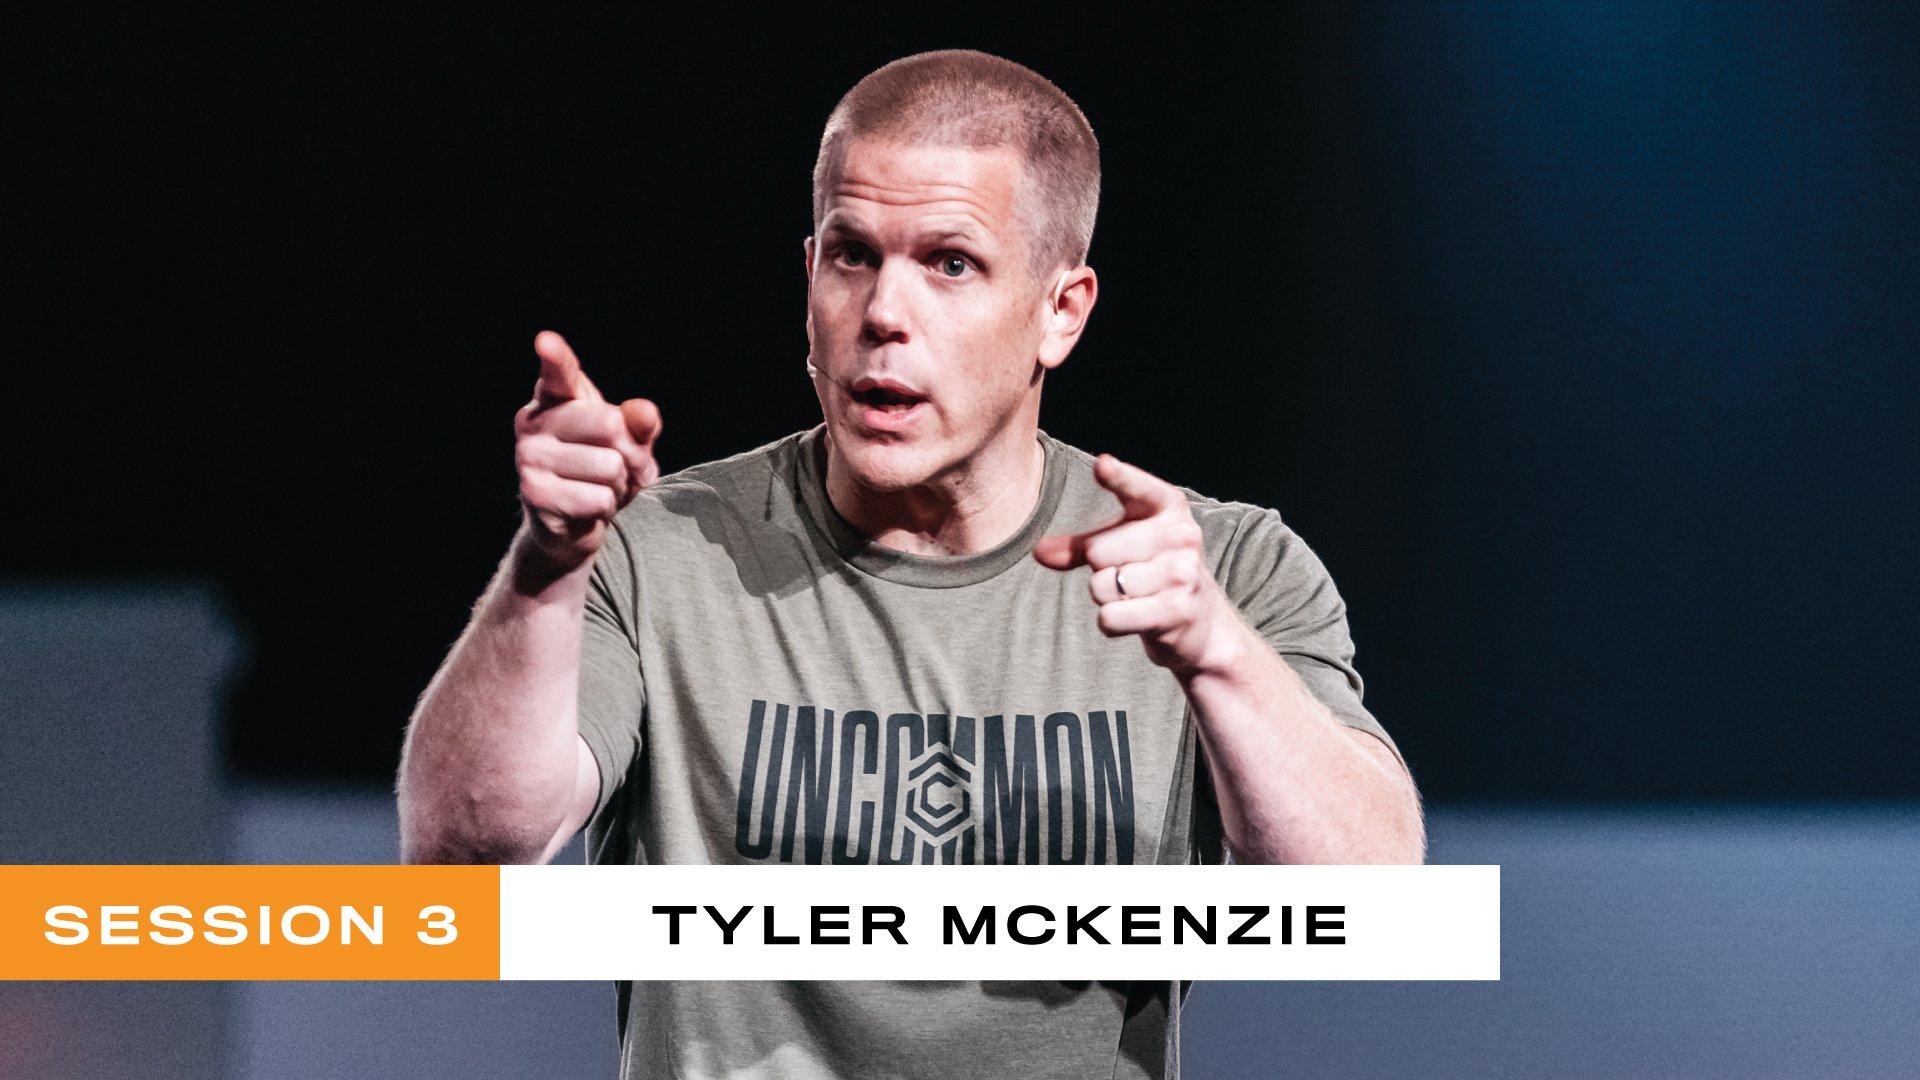 Tyler McKenzie